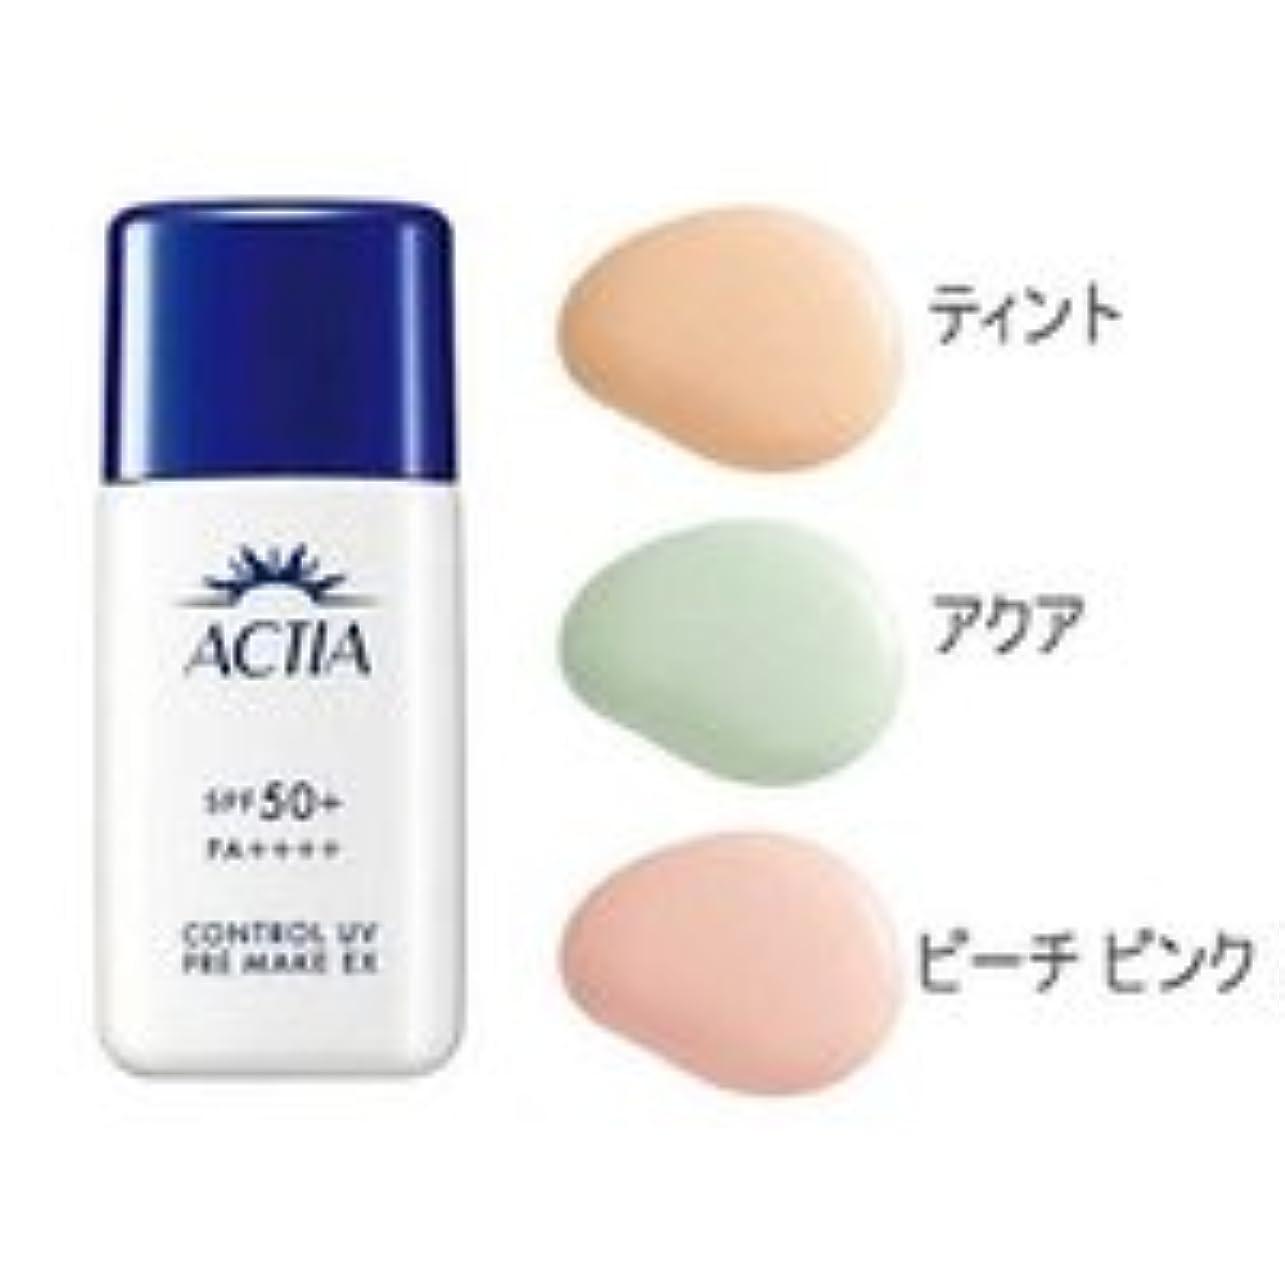 注釈オーク悪質なエイボン(AVON) アクティア コントロール UV プレメイク EX 30ml